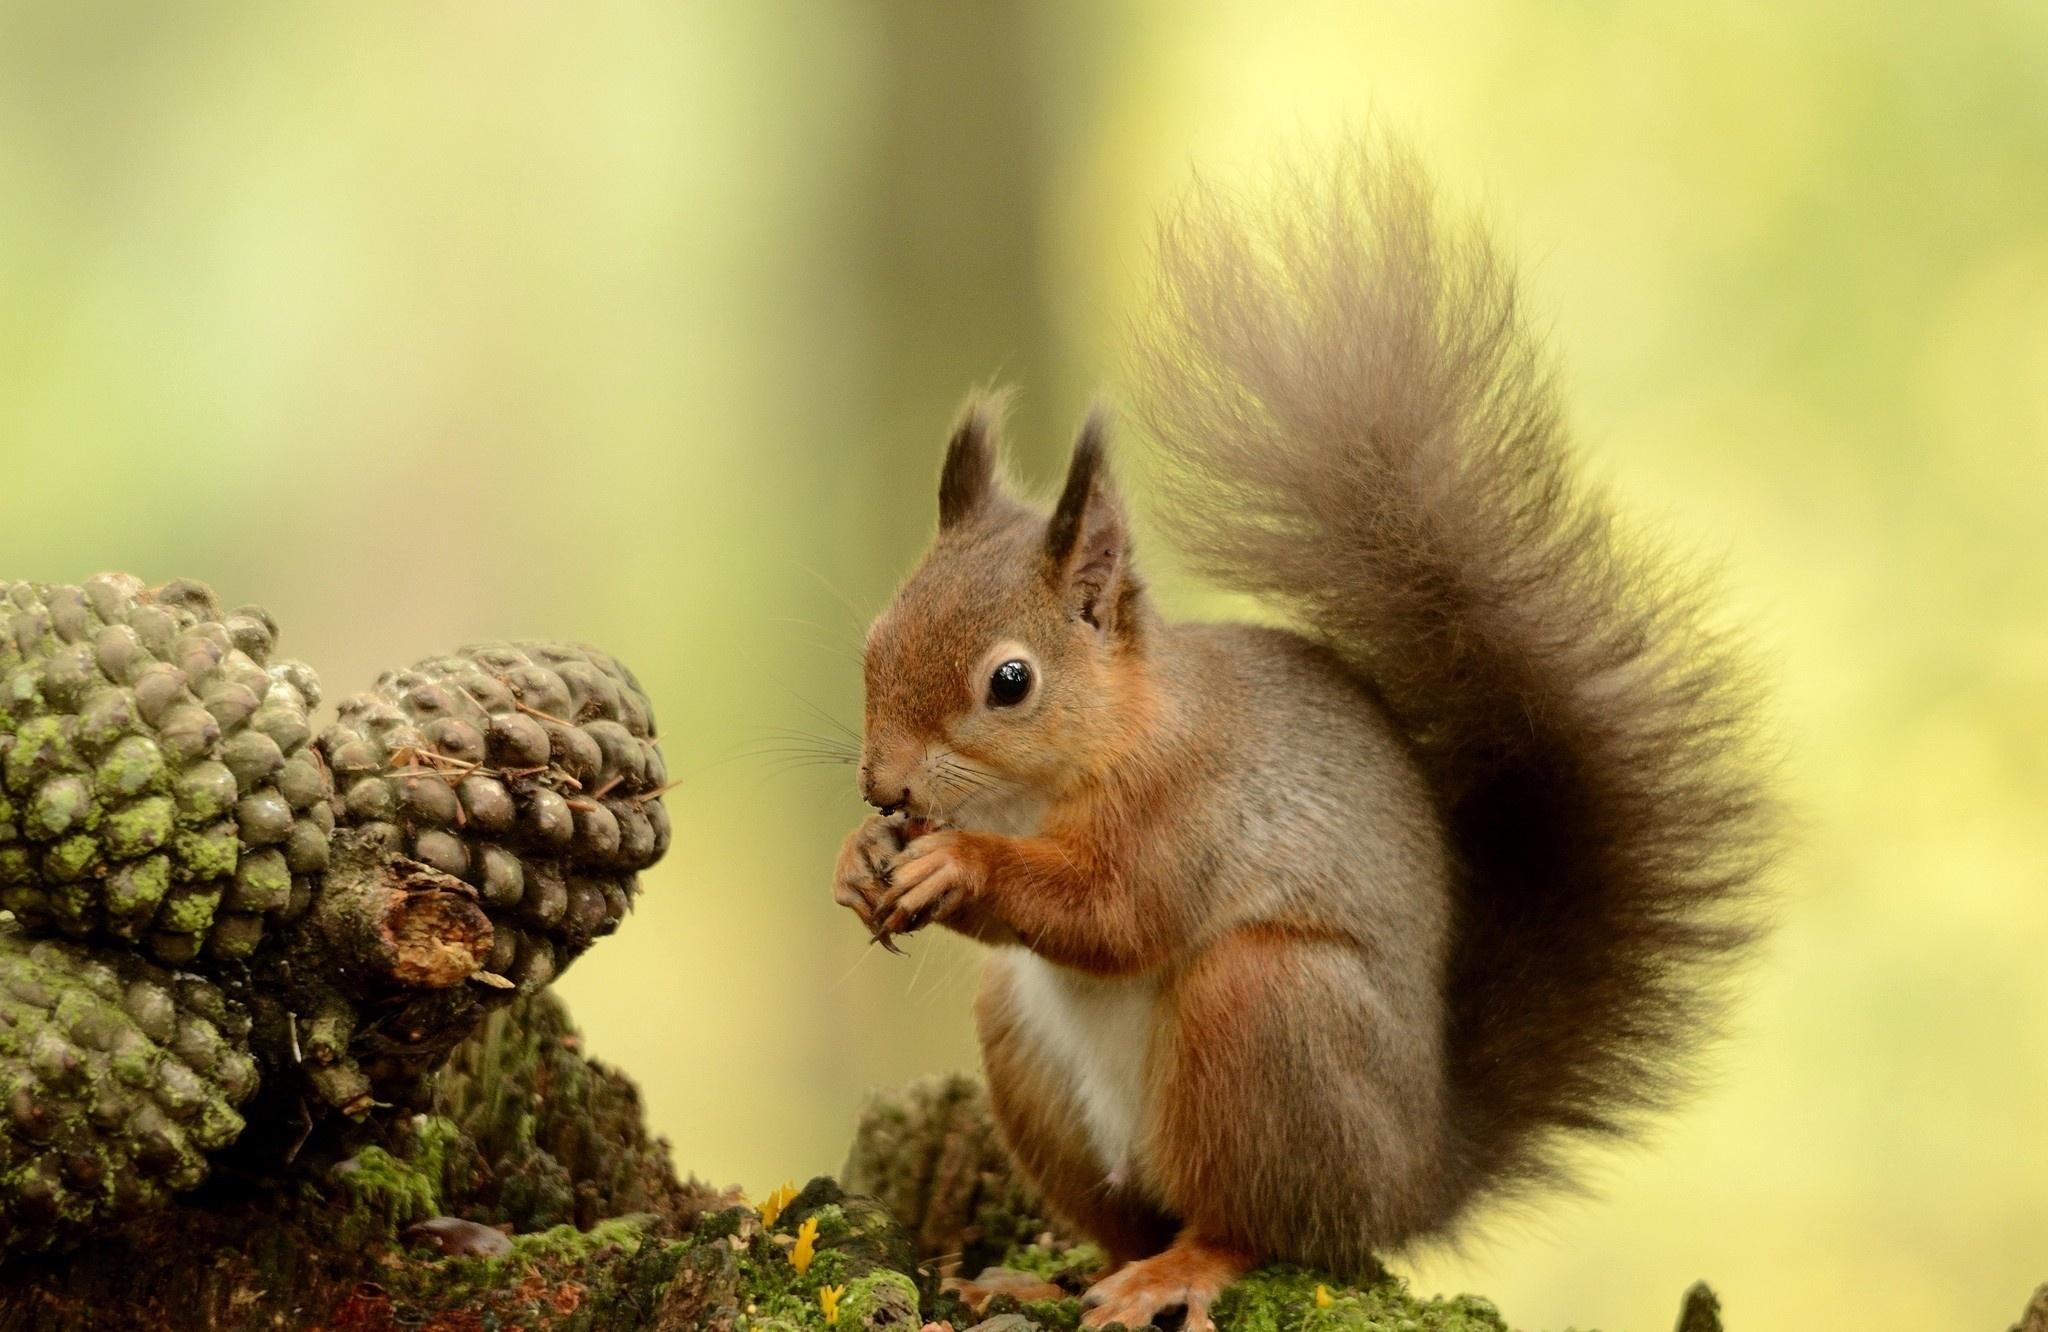 116075 Hintergrundbild herunterladen Eichhörnchen, Tiere, Holz, Flauschige, Baum, Schwanz - Bildschirmschoner und Bilder kostenlos